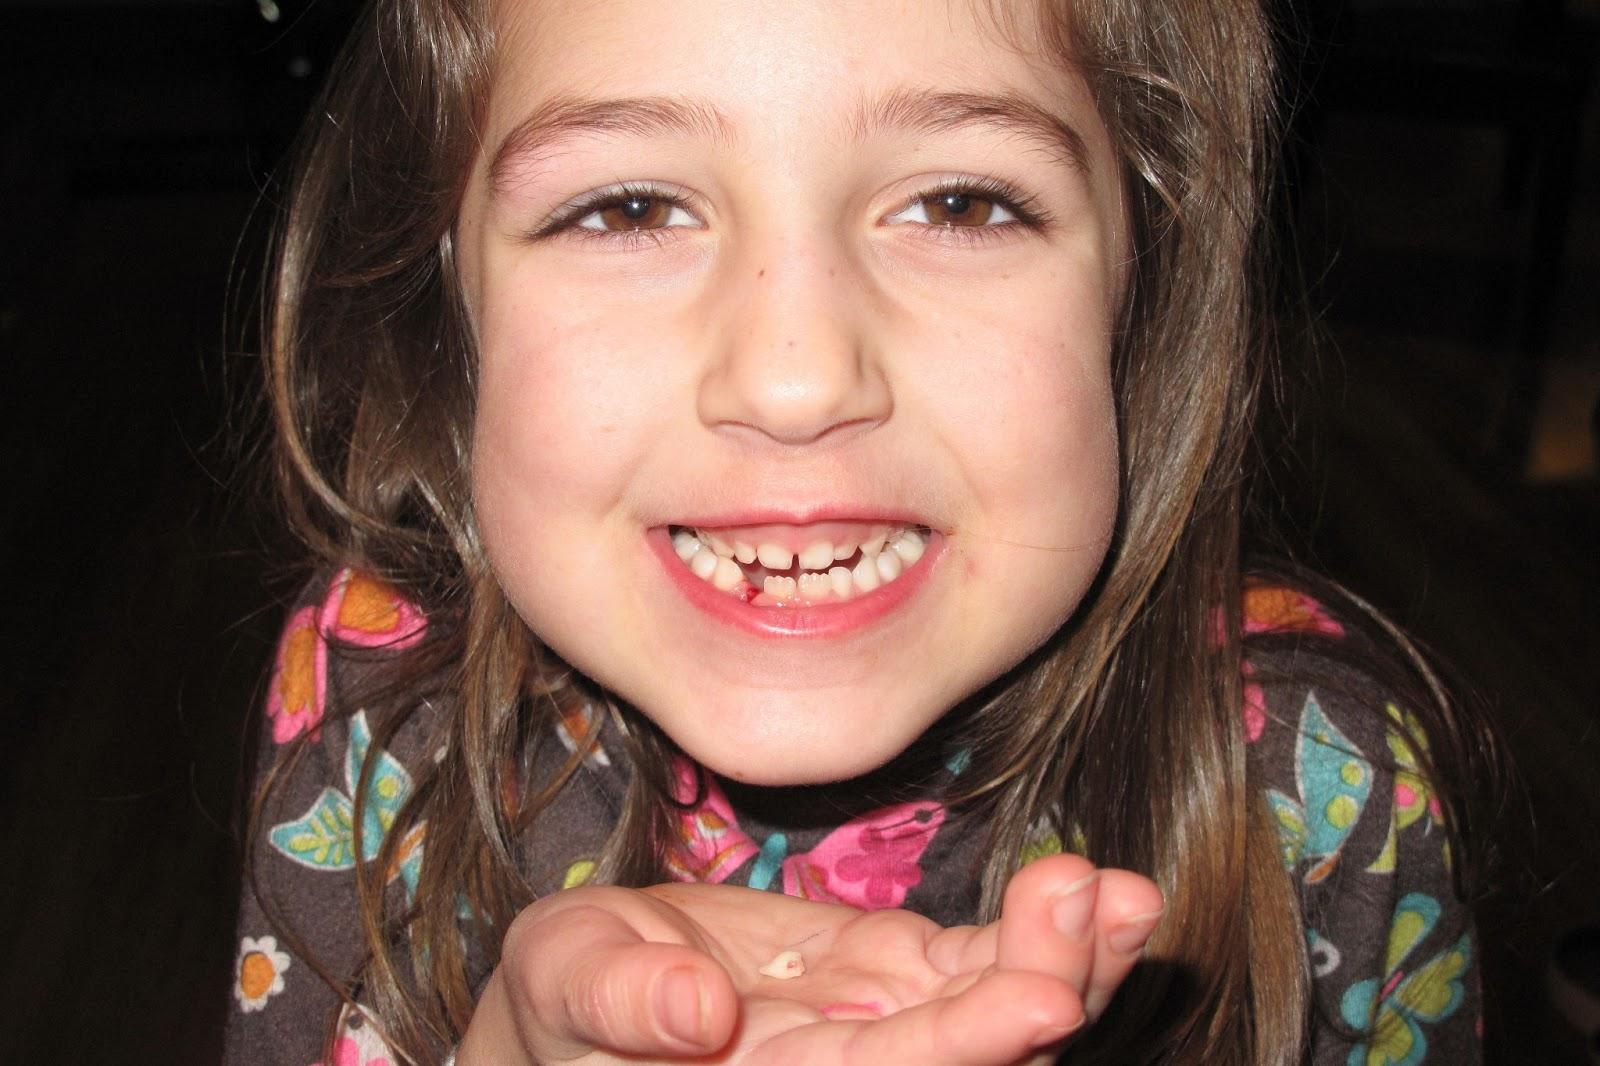 http://4.bp.blogspot.com/-YXE-2jfvdTg/UQiSDapiEZI/AAAAAAAAMSc/dqEt2-jL4Fo/s1600/third+tooth_20130129_1.JPG